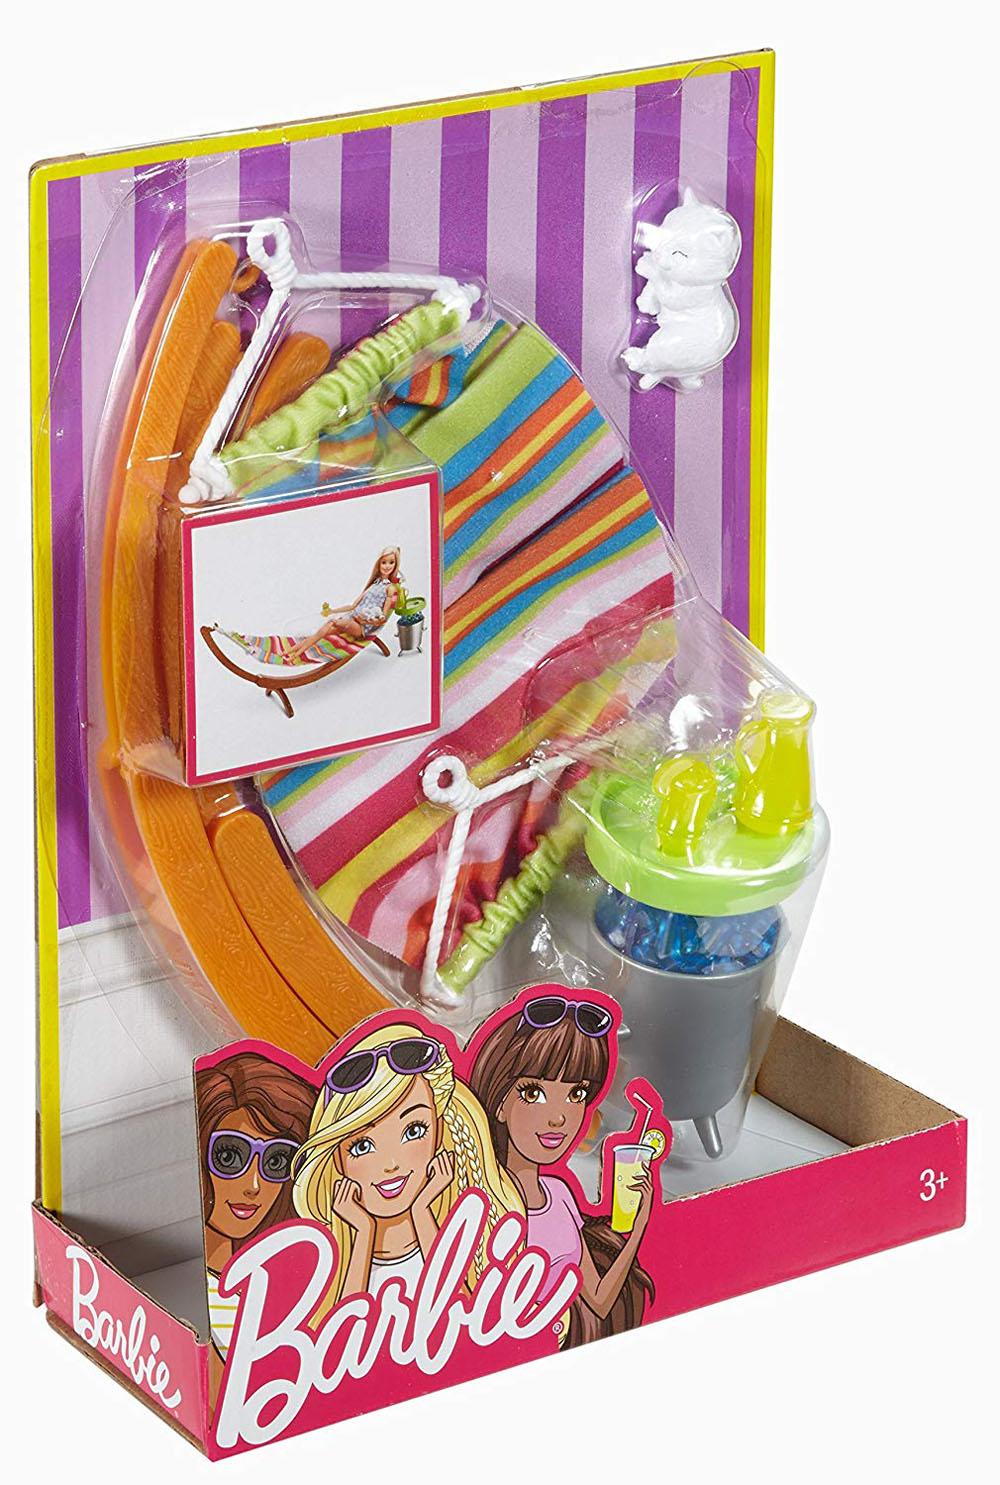 Barbie Hammock Furniture /& Accessory Set